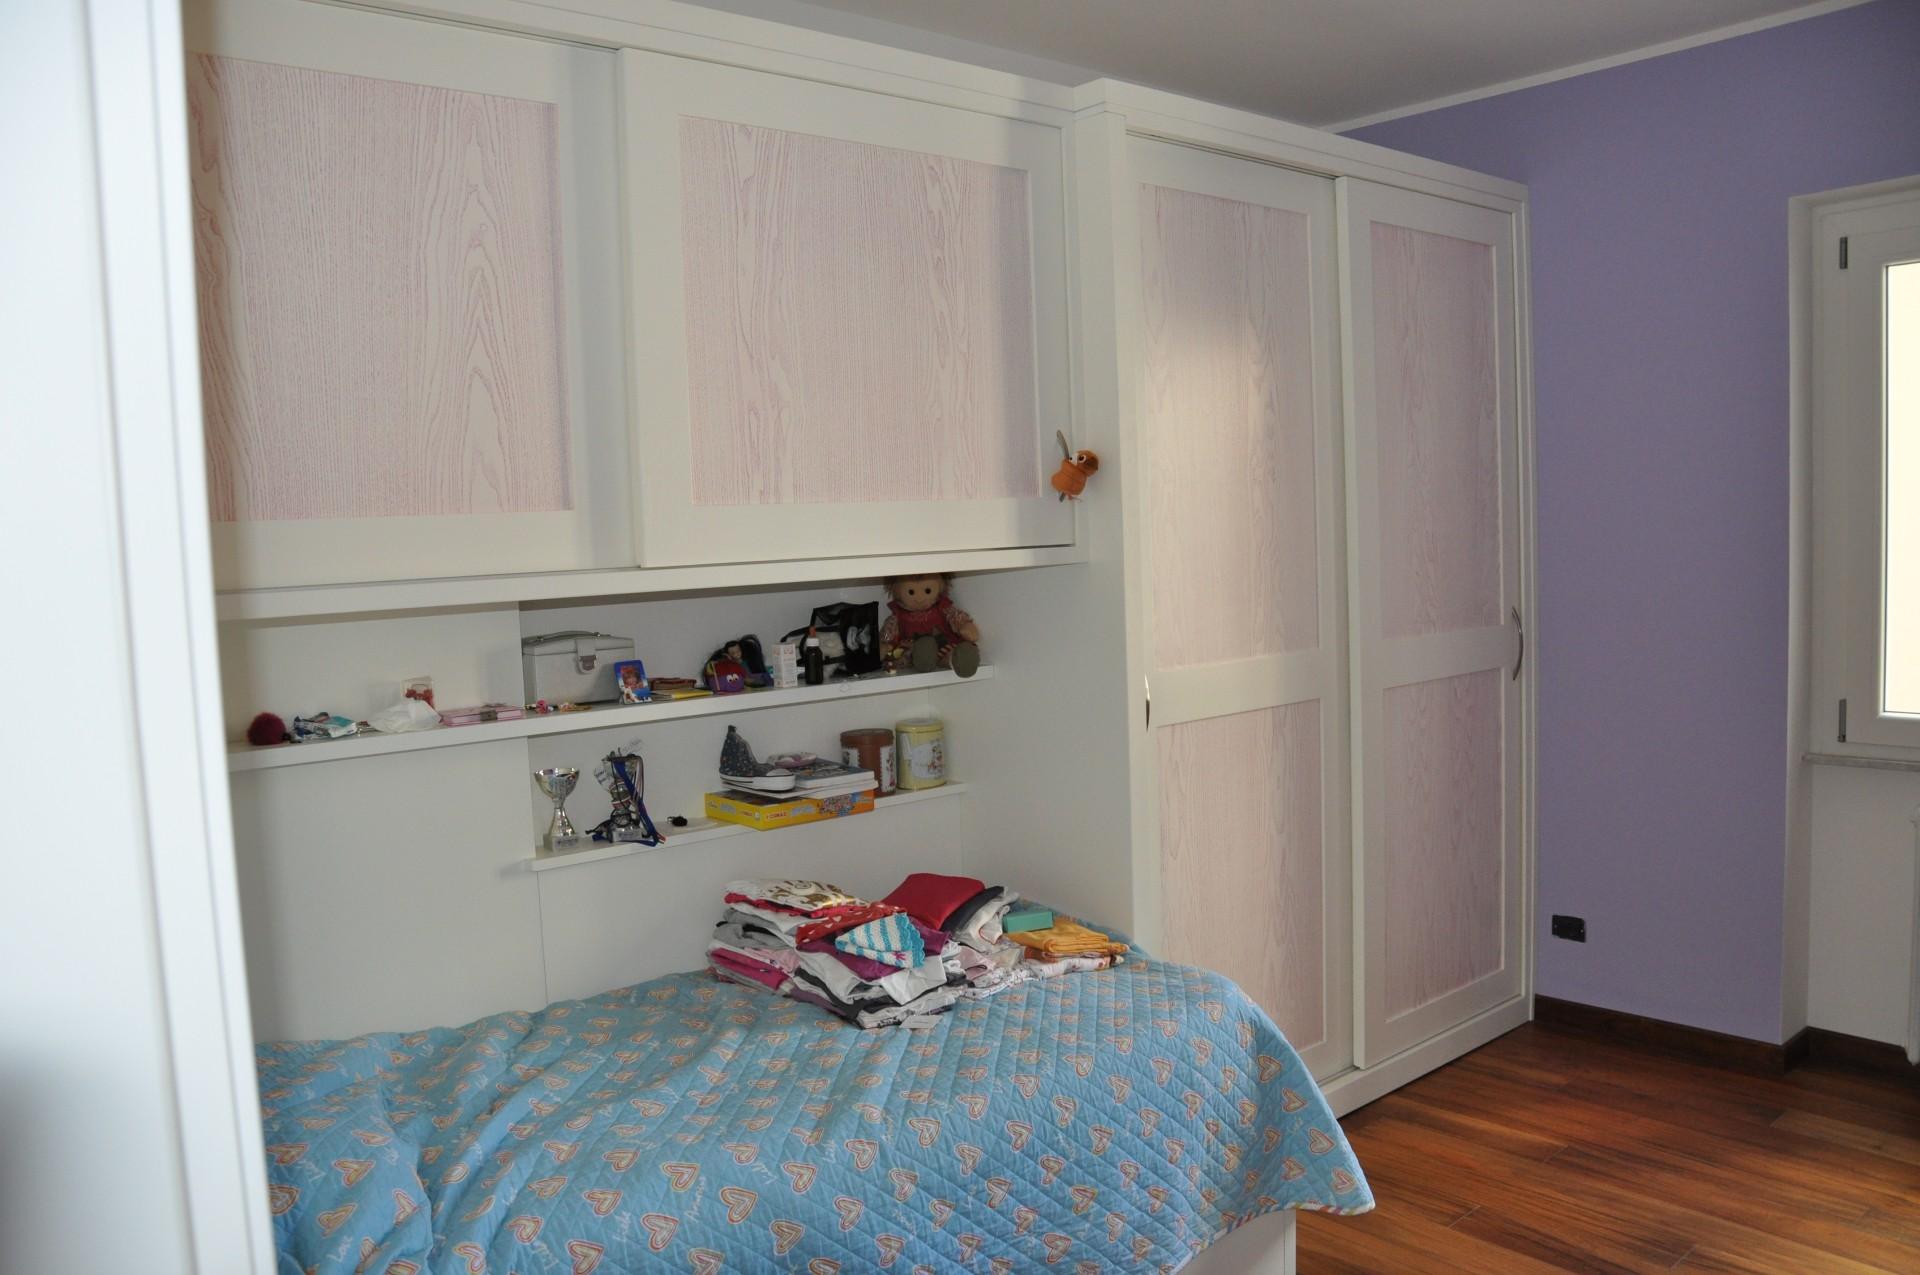 Camere bambino fadini mobili cerea verona - Mobili per bambini design ...